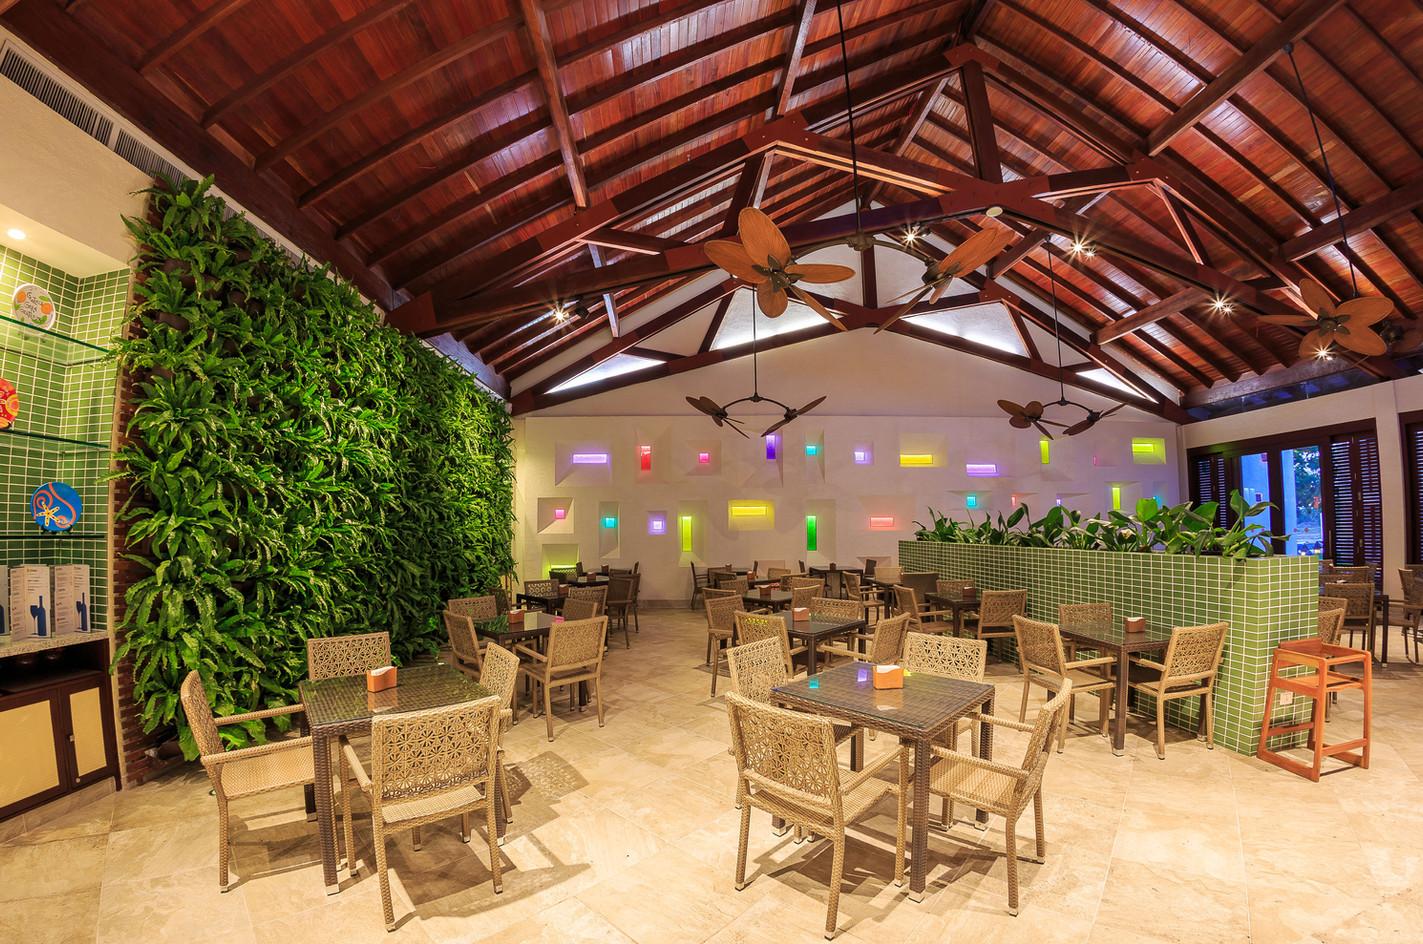 A maior capacidade para um restaurante de praia.